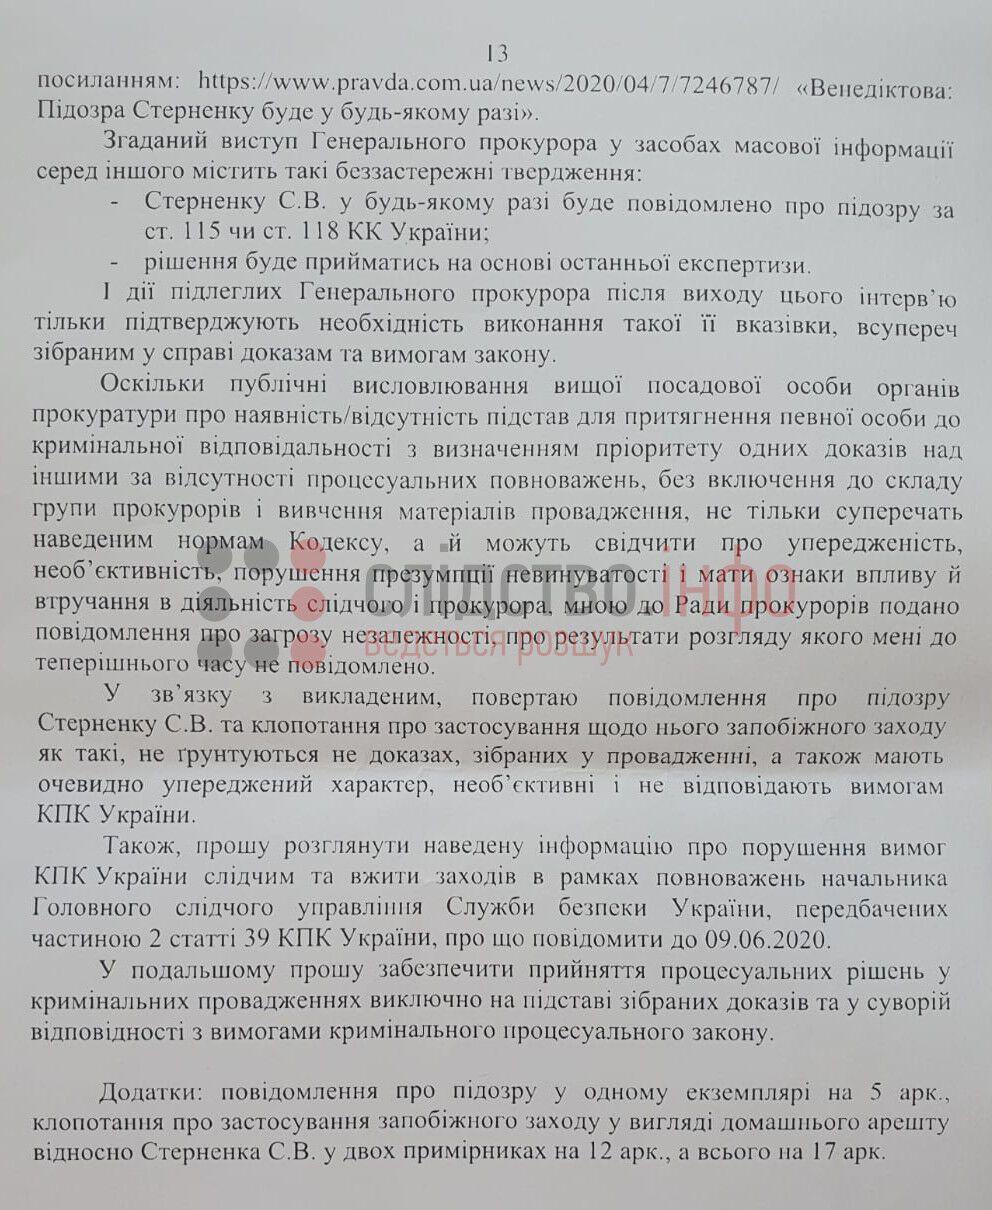 Прокурор отказался подписывать подозрение Стерненко